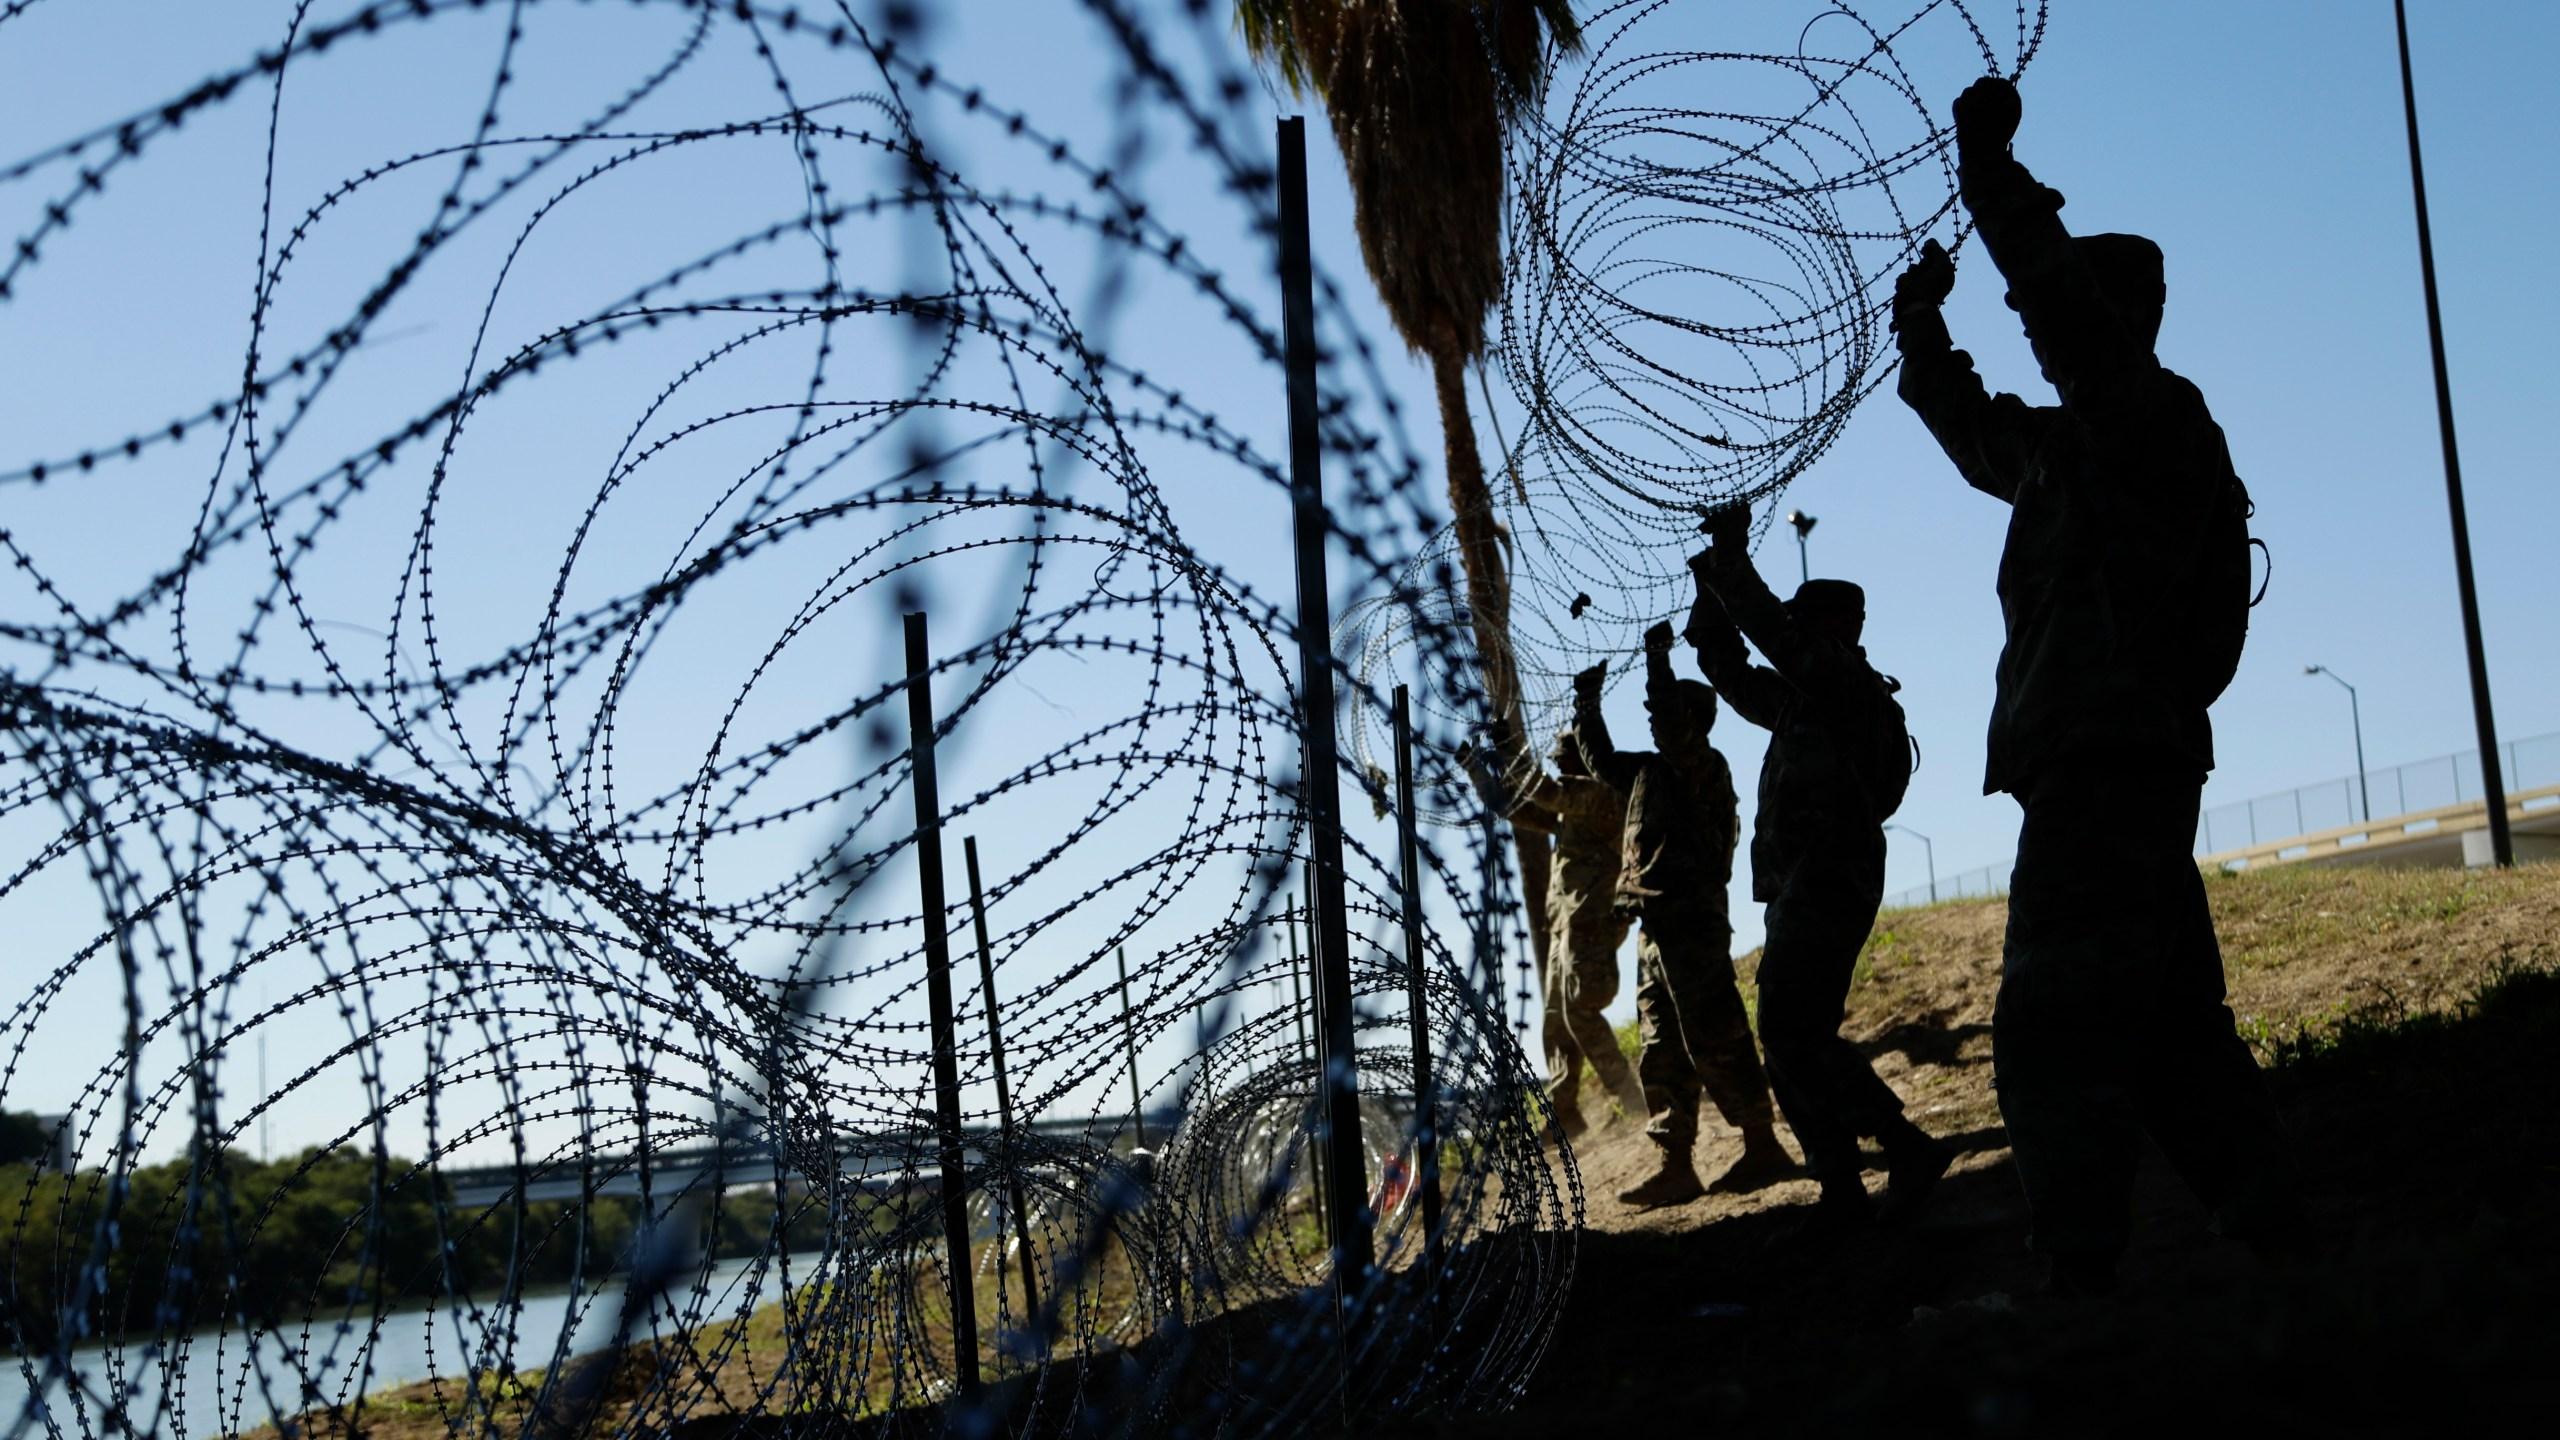 Border_Military_Troops_20652-159532.jpg24075129